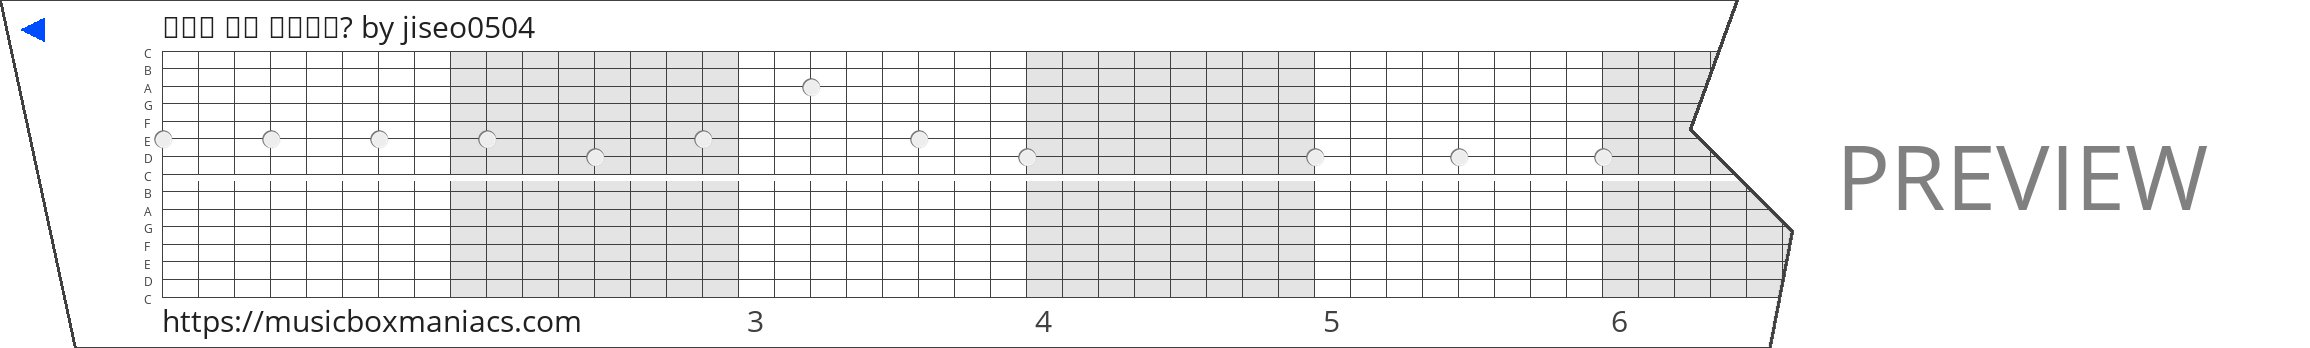 구교환 나랑 결혼하꽈? 15 note music box paper strip